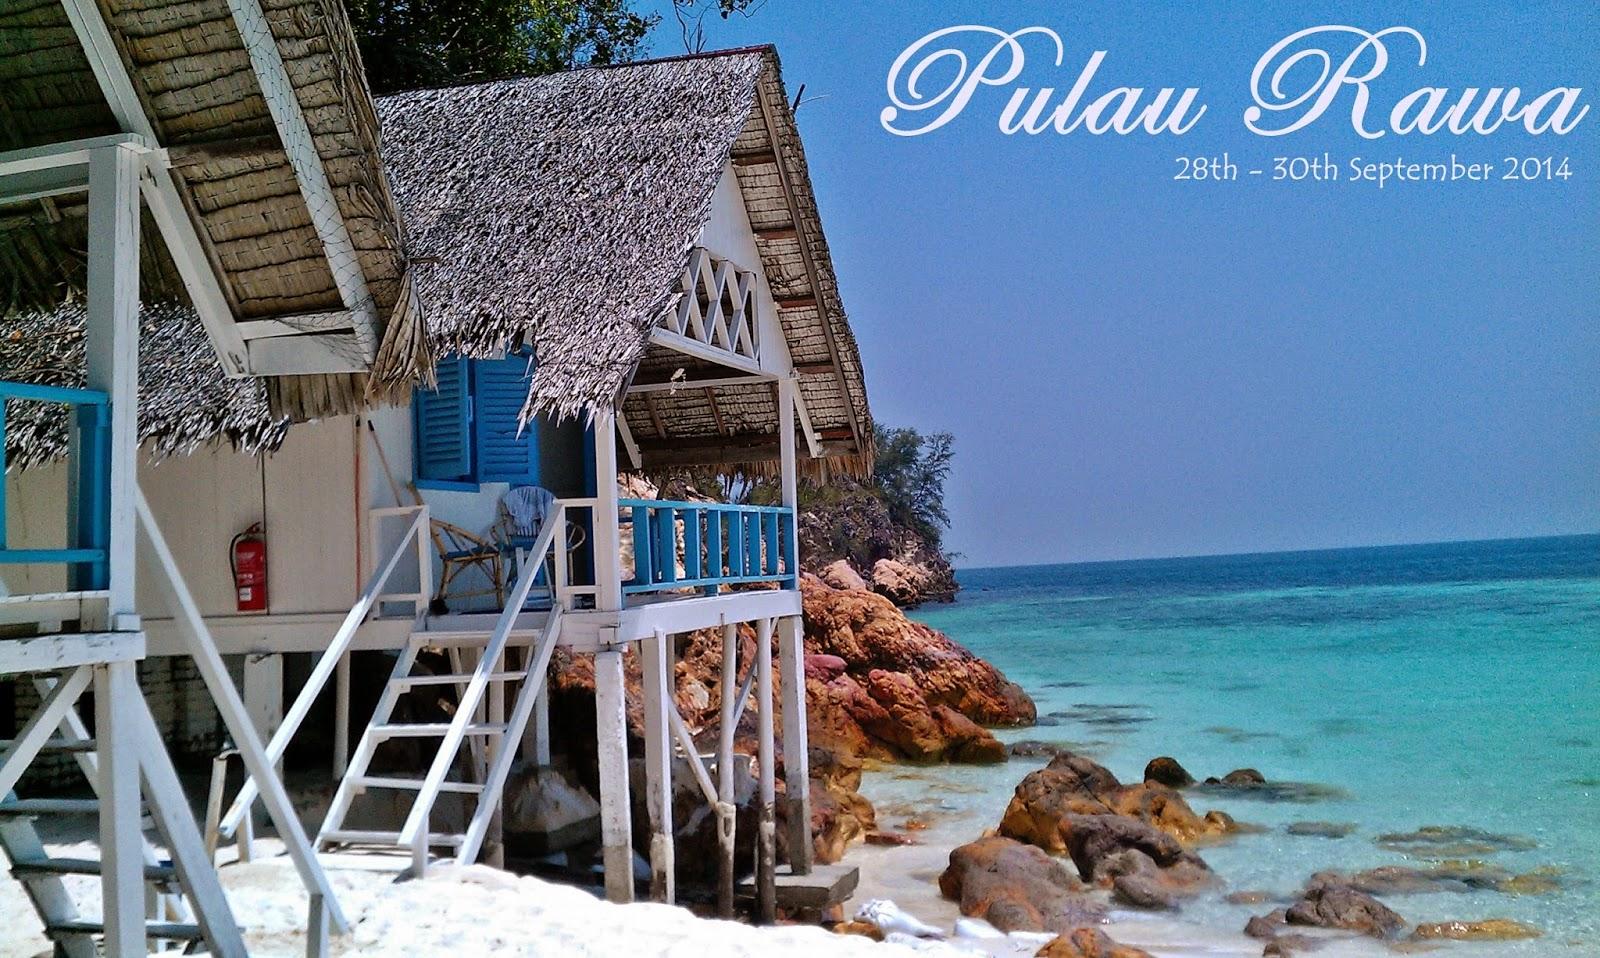 All About Pulau Rawa